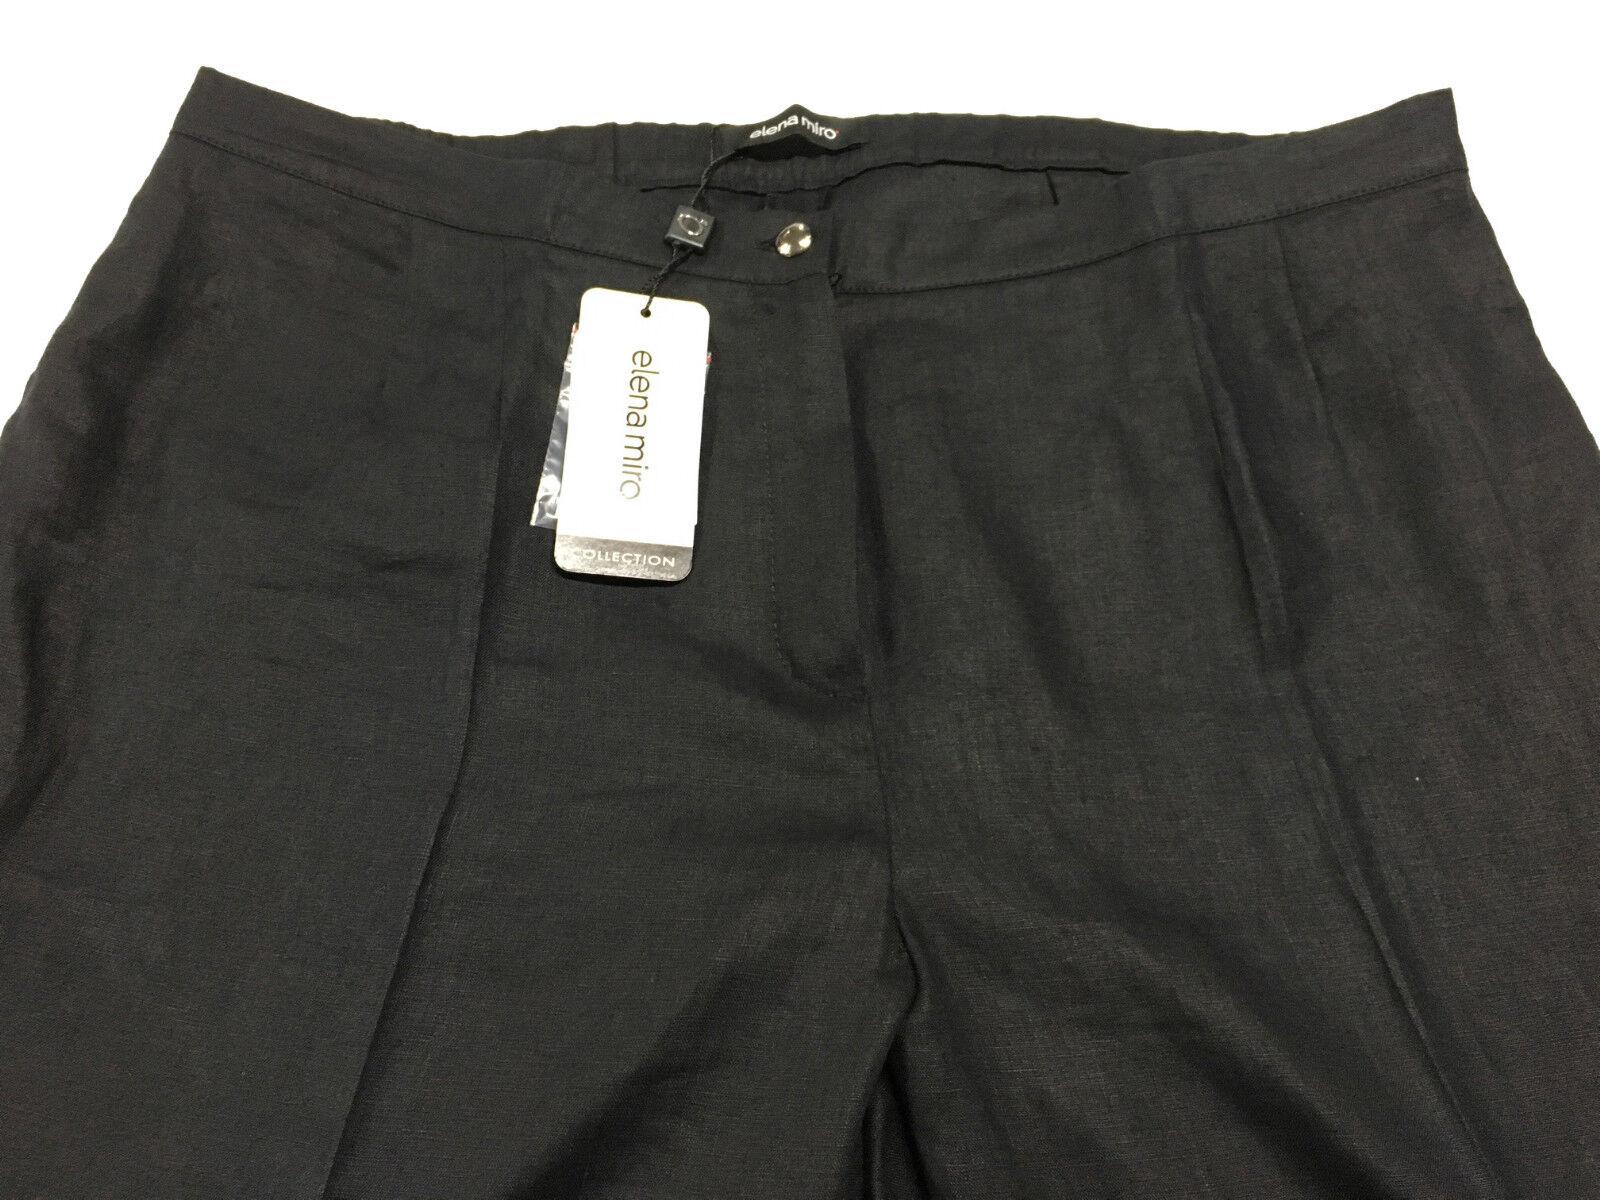 ELENA MIRO' Damenhose Damenhose Damenhose schwarz elastisch hinter 100% Leinen | Angenehmes Gefühl  | Ausreichende Versorgung  | Komfort  612d3b